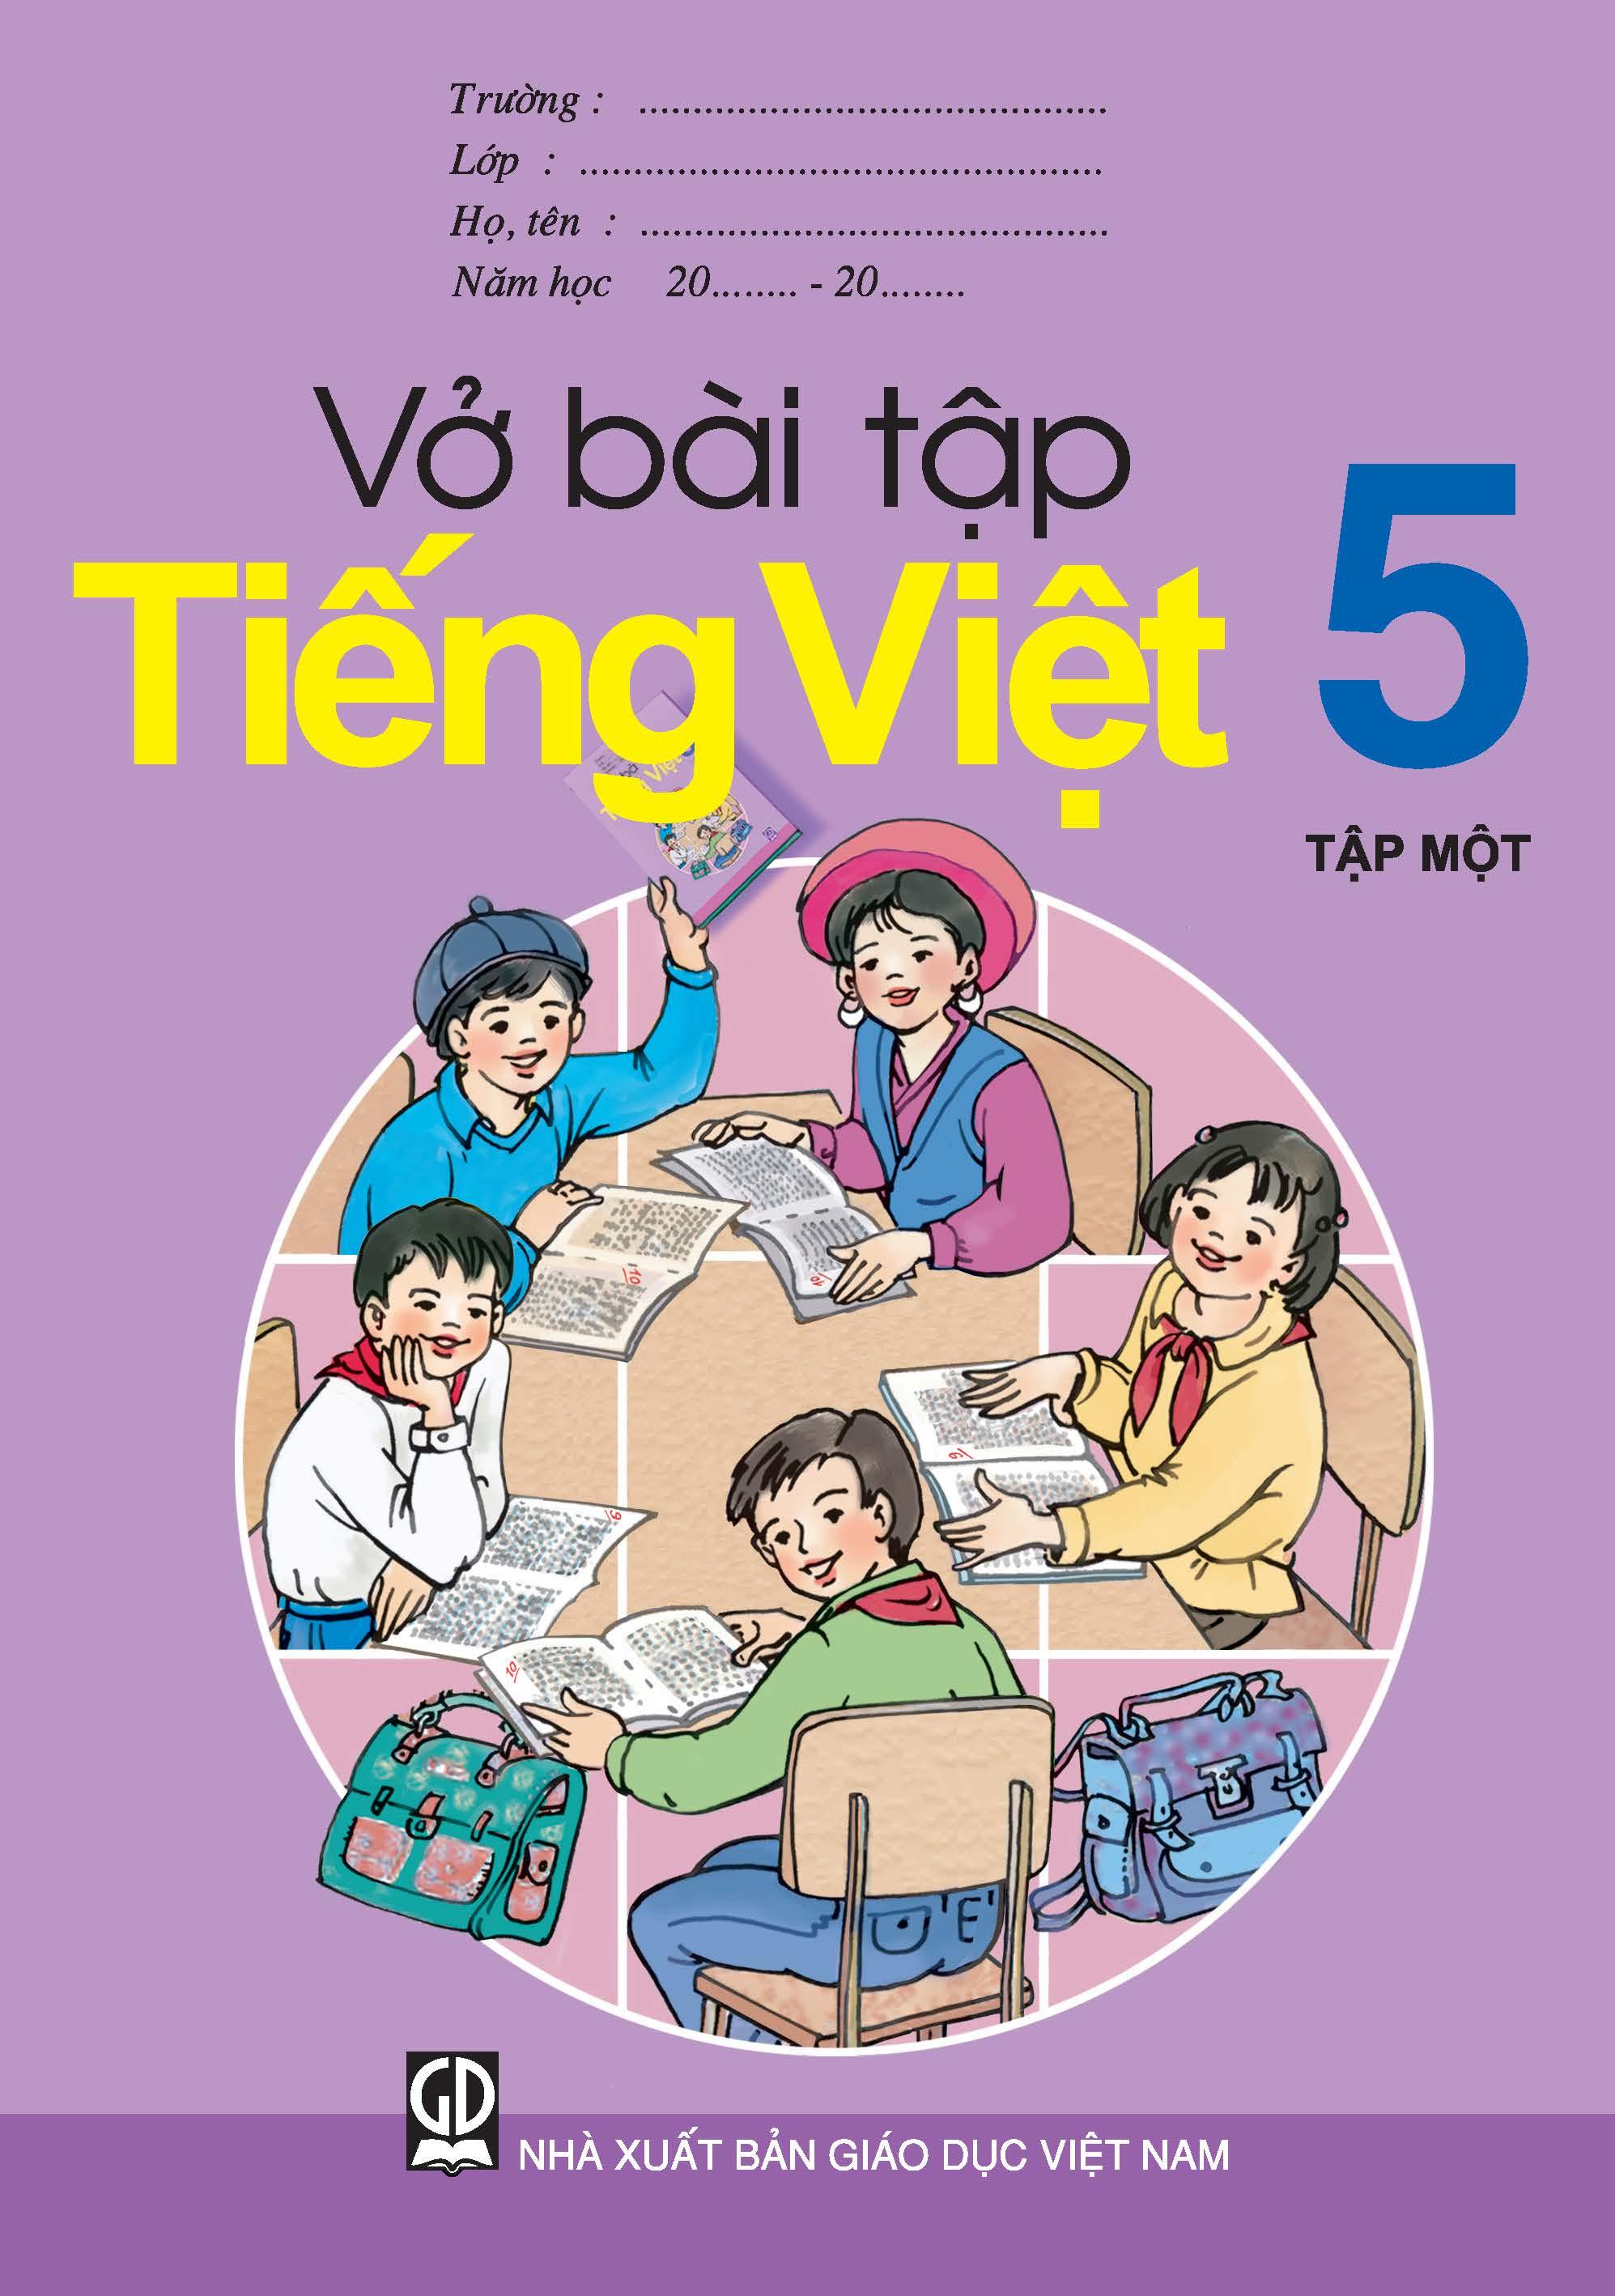 Vở bài tập Tiếng Việt 5, tập 1